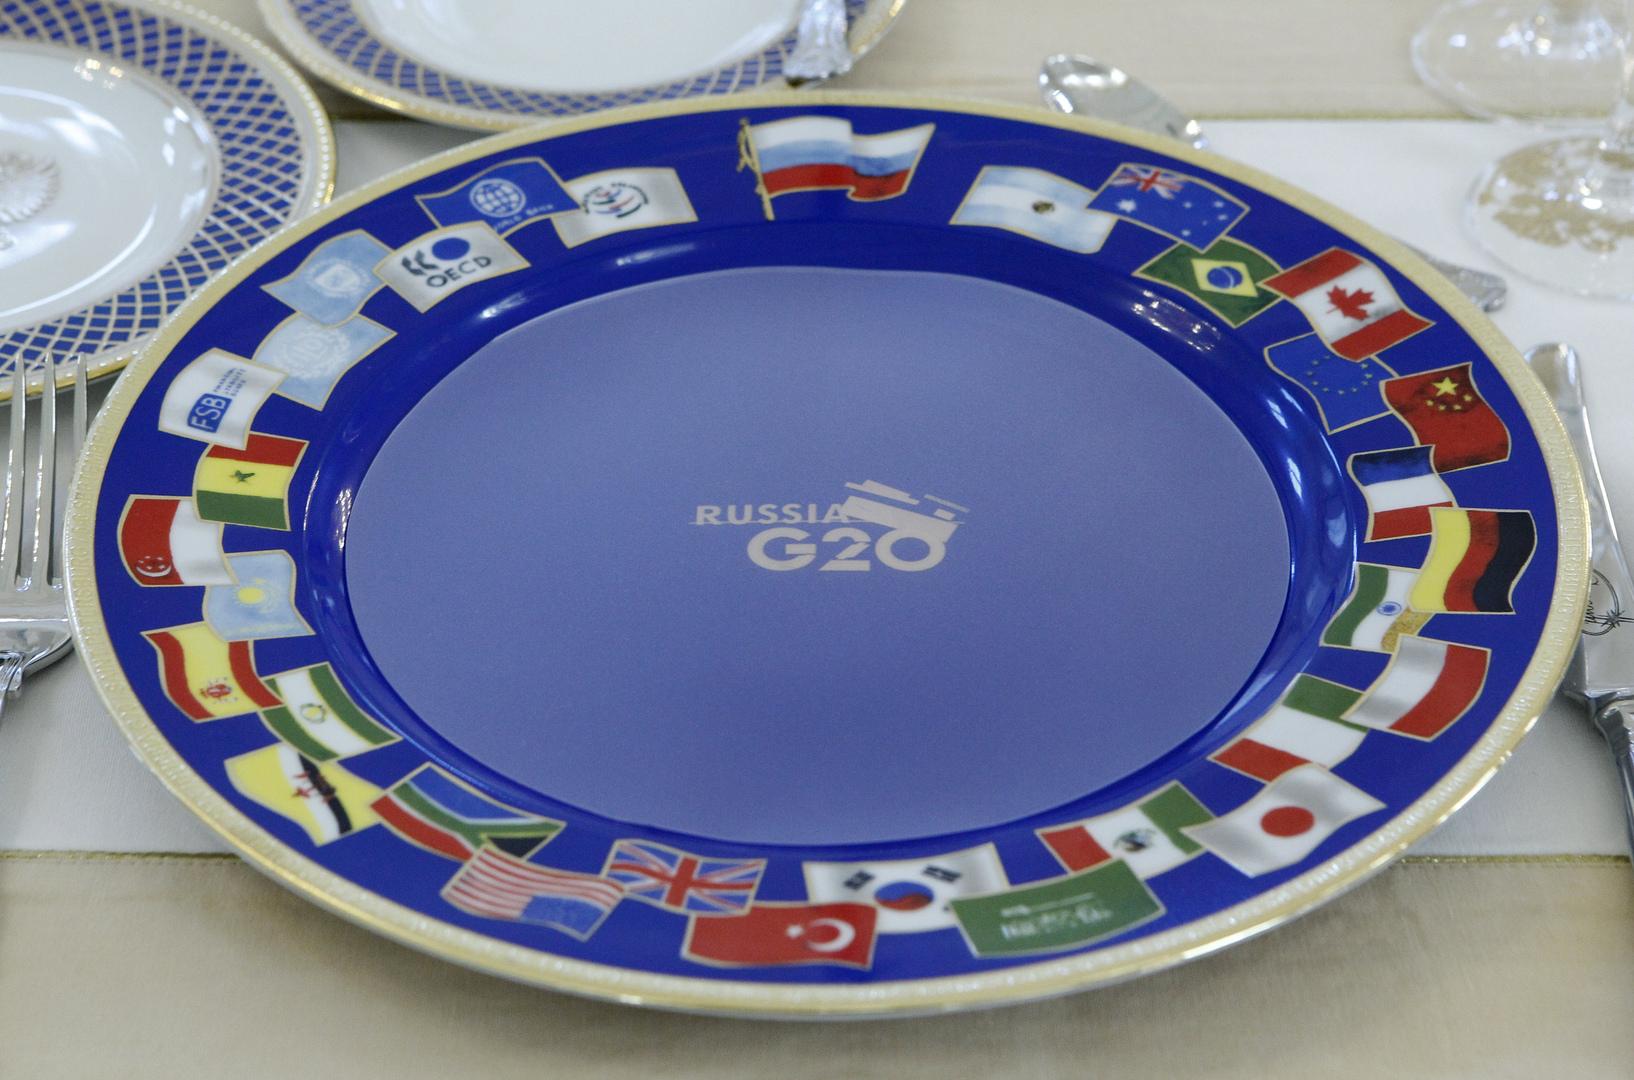 موسكو تعلق على فوز شركتين روسيتين في مسابقة ابتكارات لـ G20